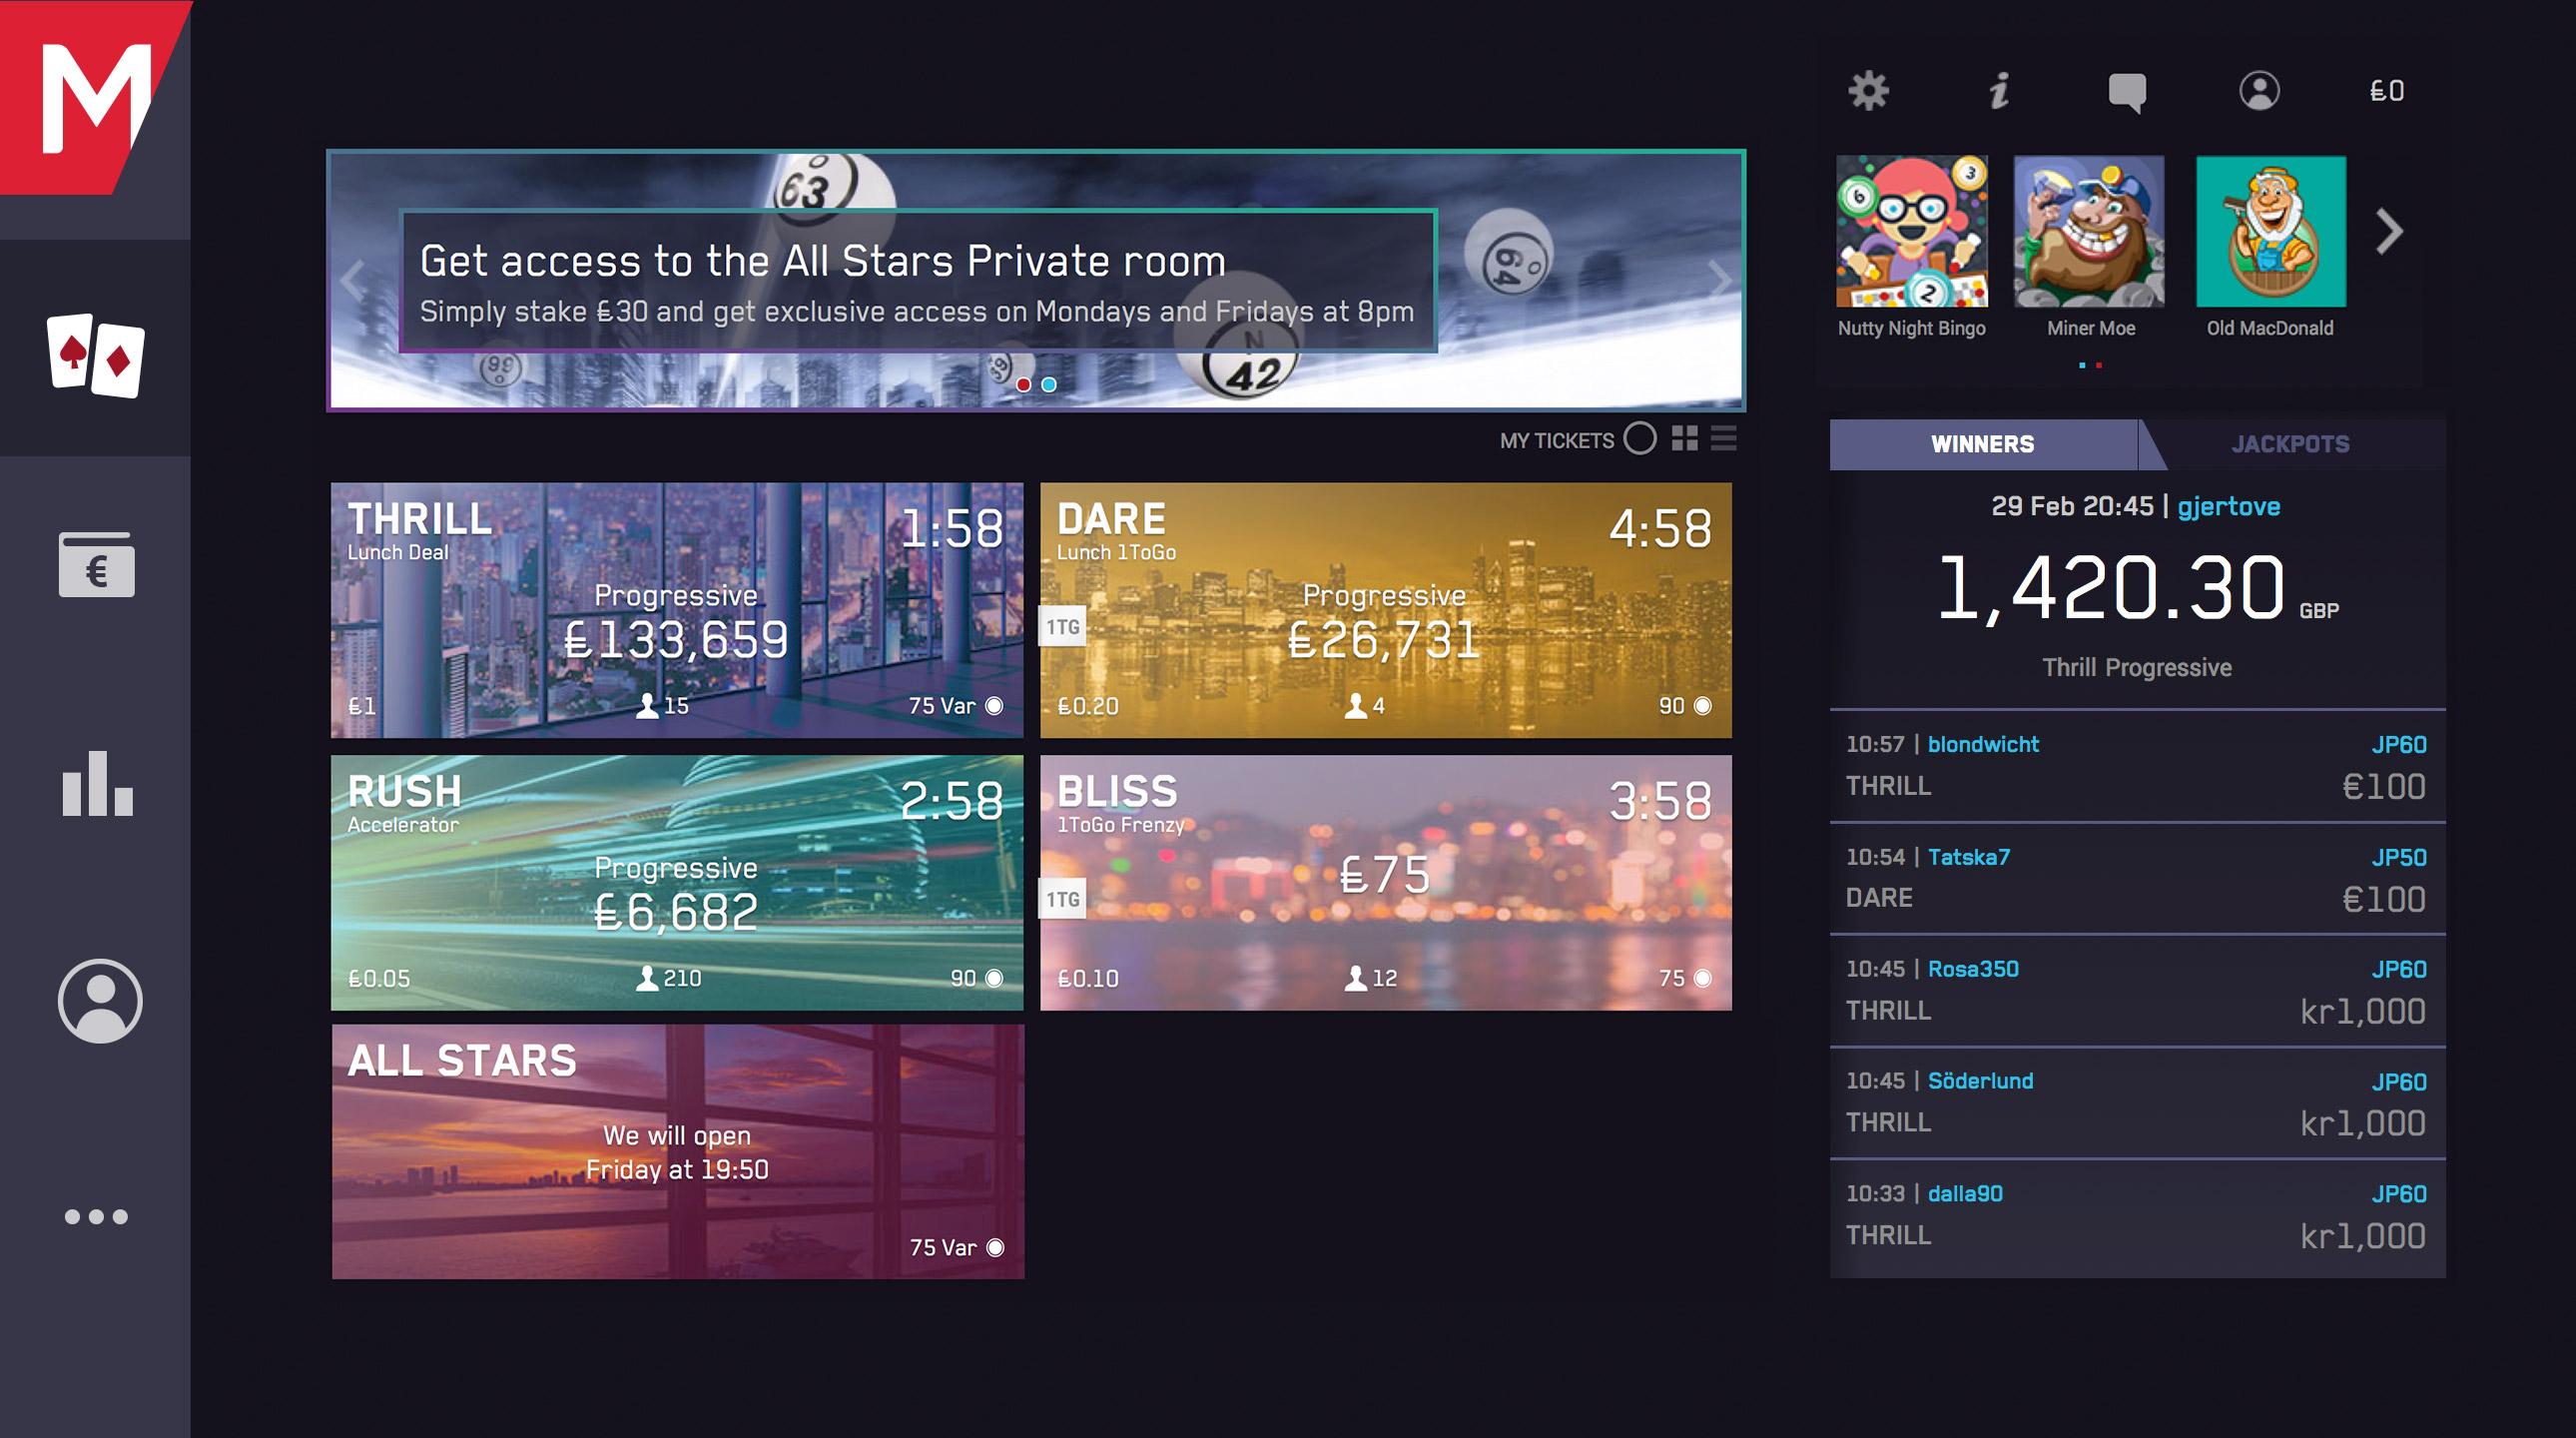 casino room app download